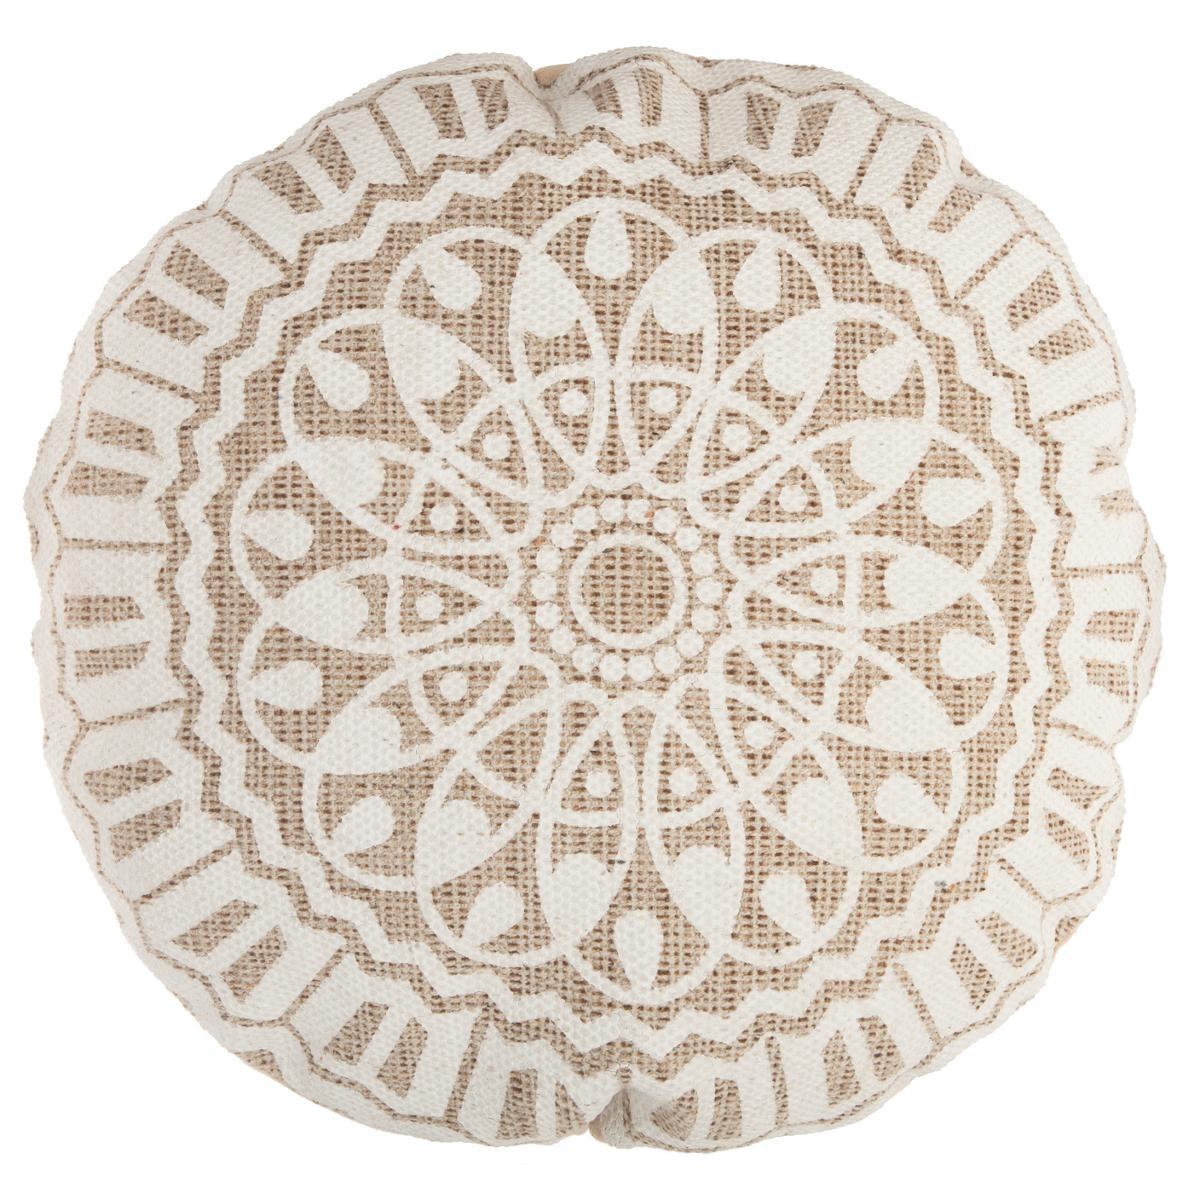 Coussin de Sol Rond Esprit Ethnique - Naturel - Diamètre 50 cm